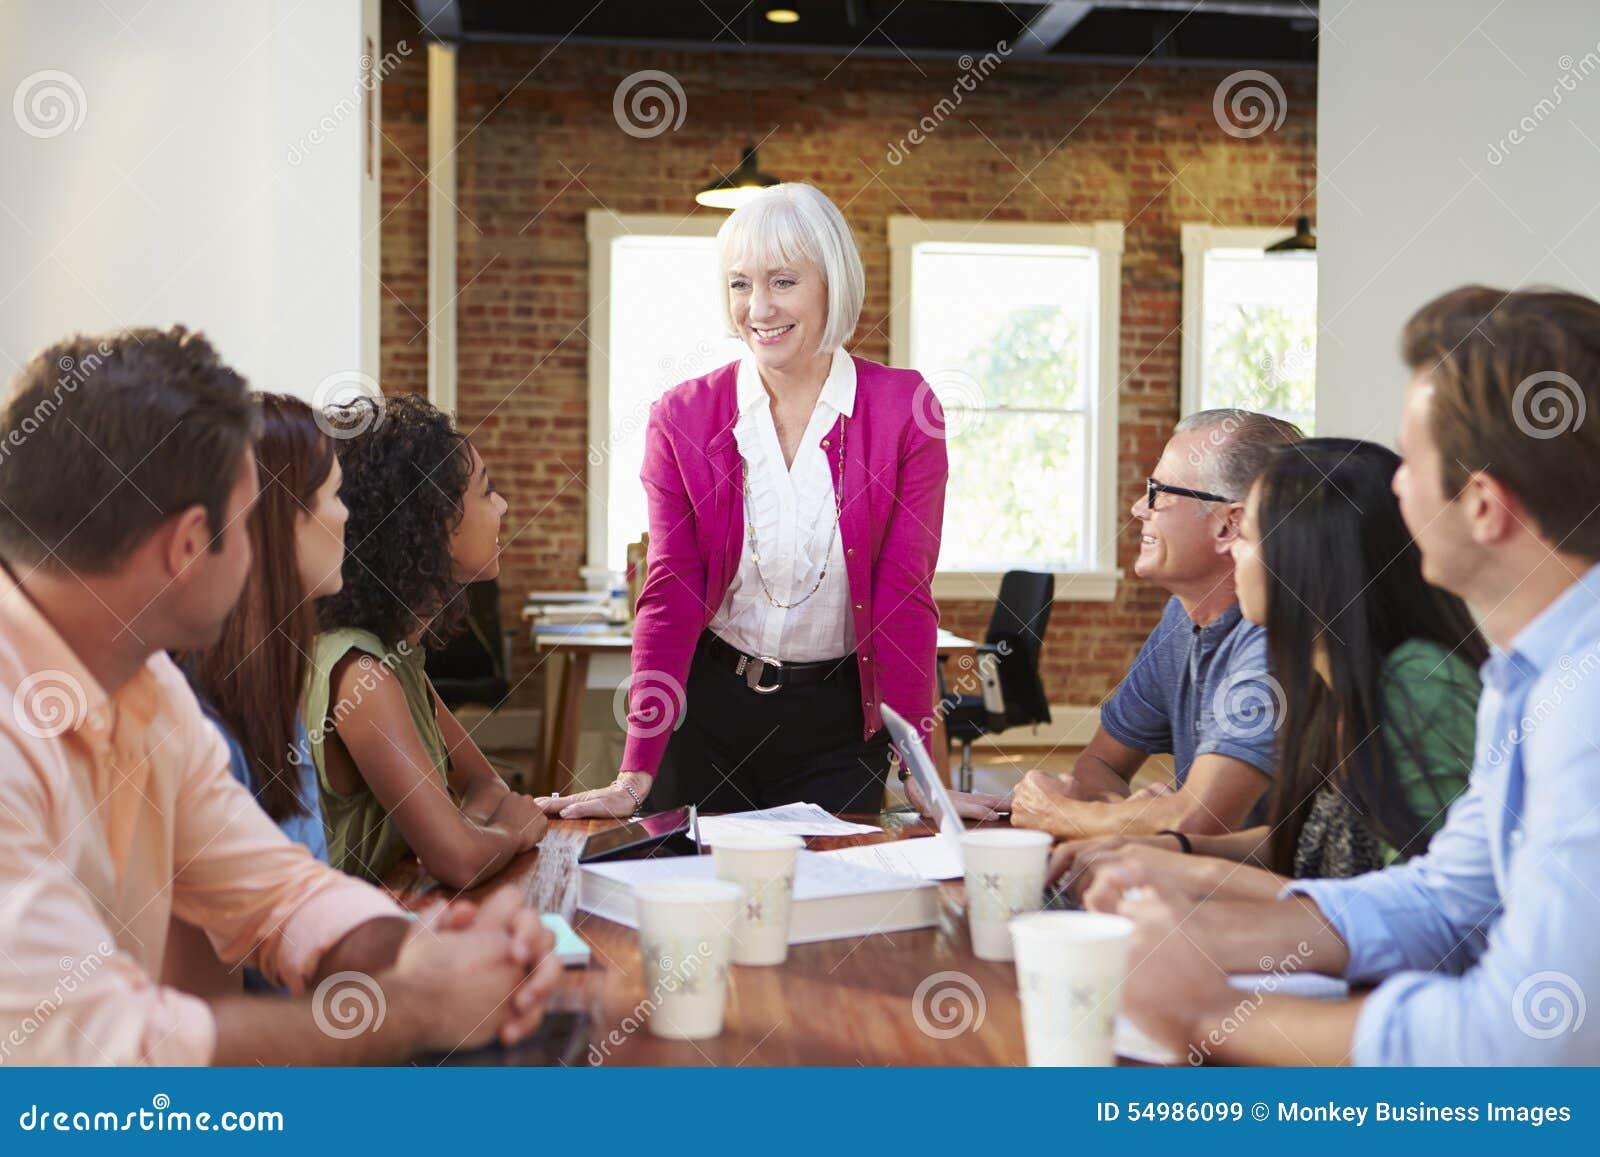 资深女性上司对办公室工作者演讲在会议上